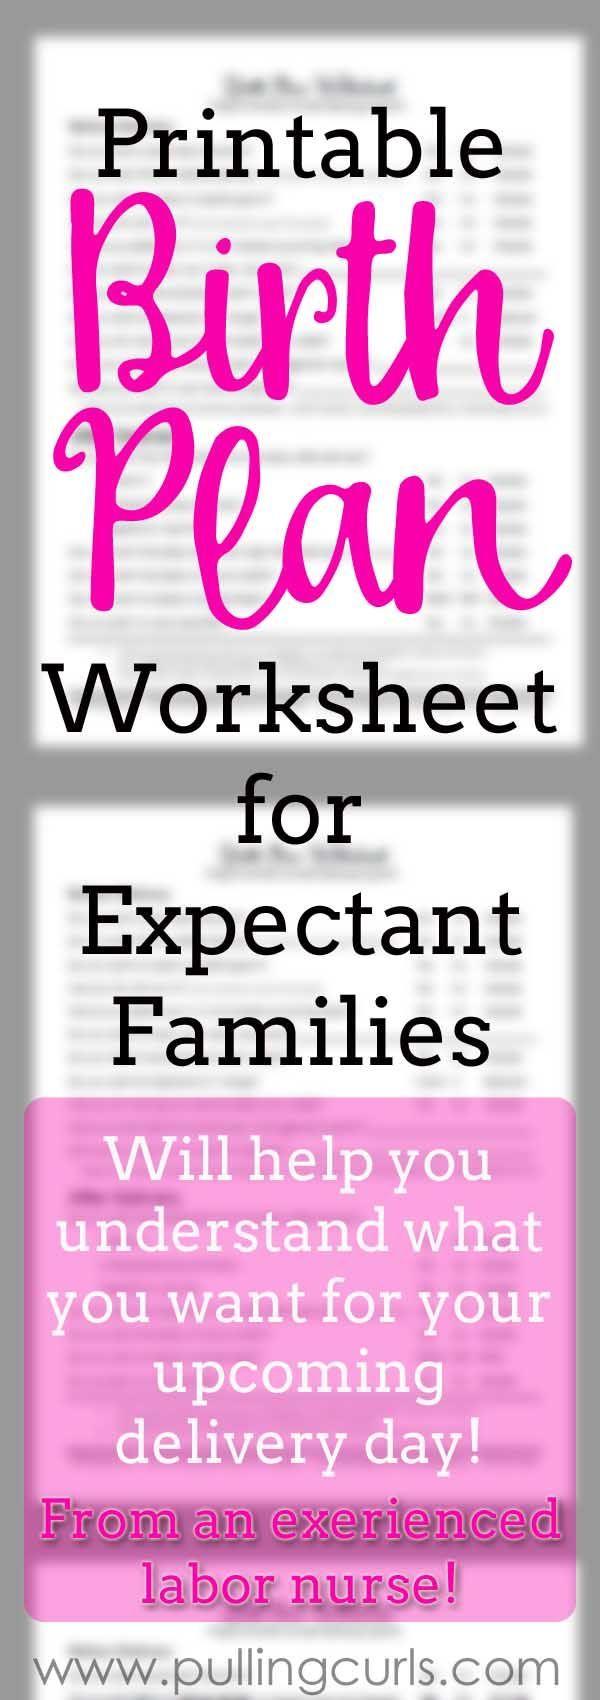 gentle cesarean birth plan template